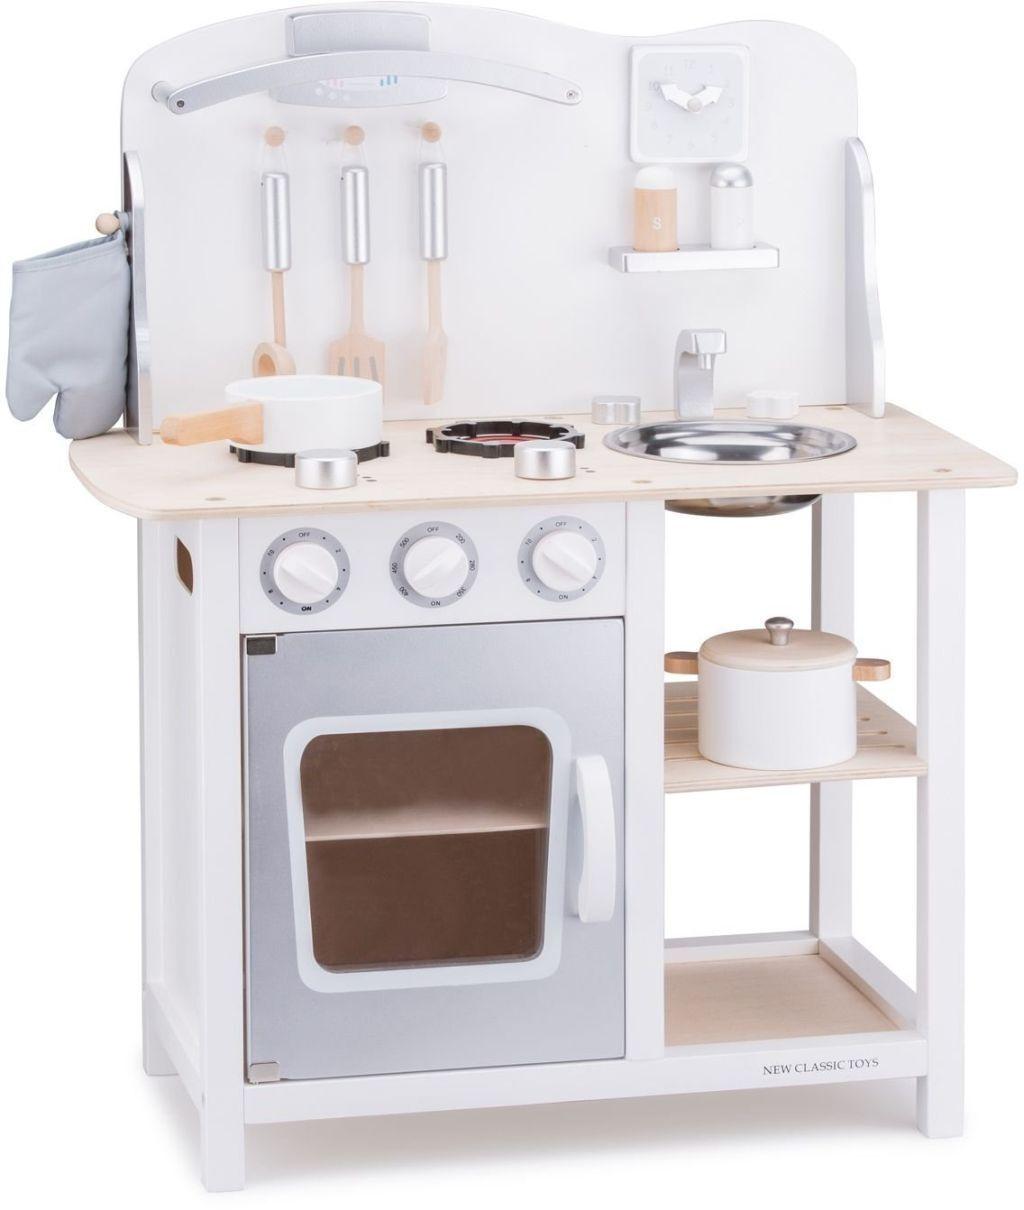 New Classic Toys 11053 - Küche mit Zubehör Spielküche aus Holz Weiss Silber